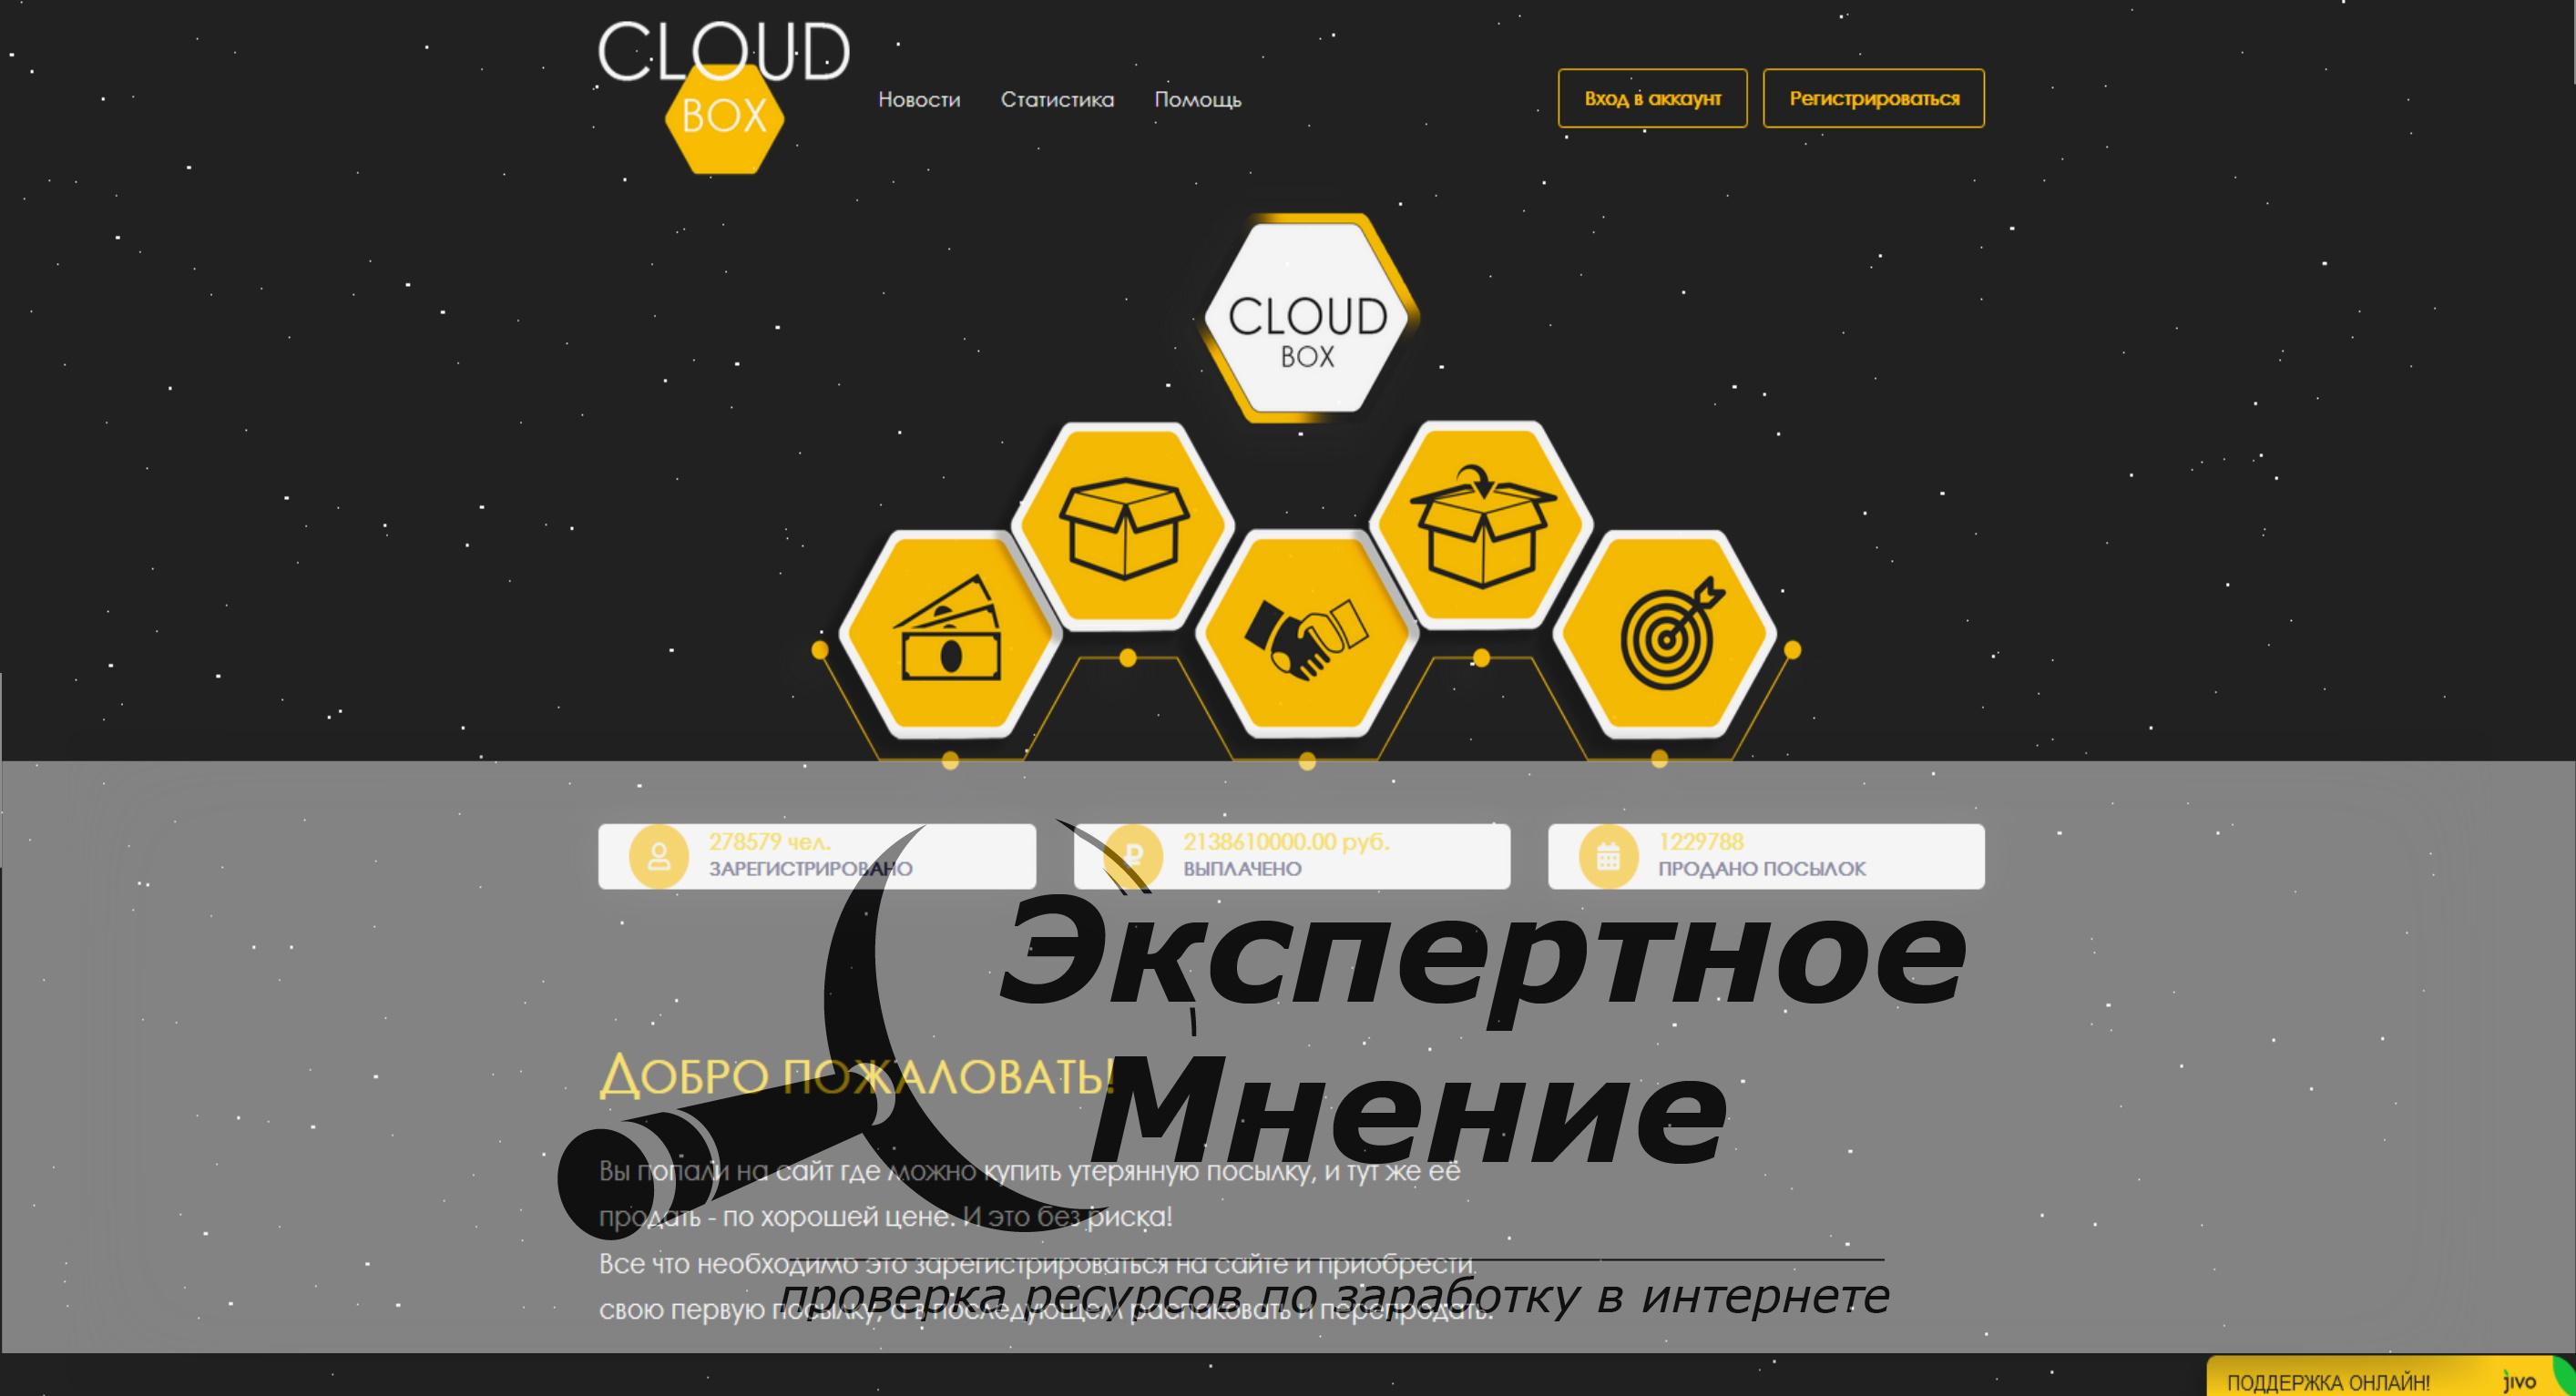 Выкуп посылок от Cloudofbox - отзыв о сайте cloudofbox.com